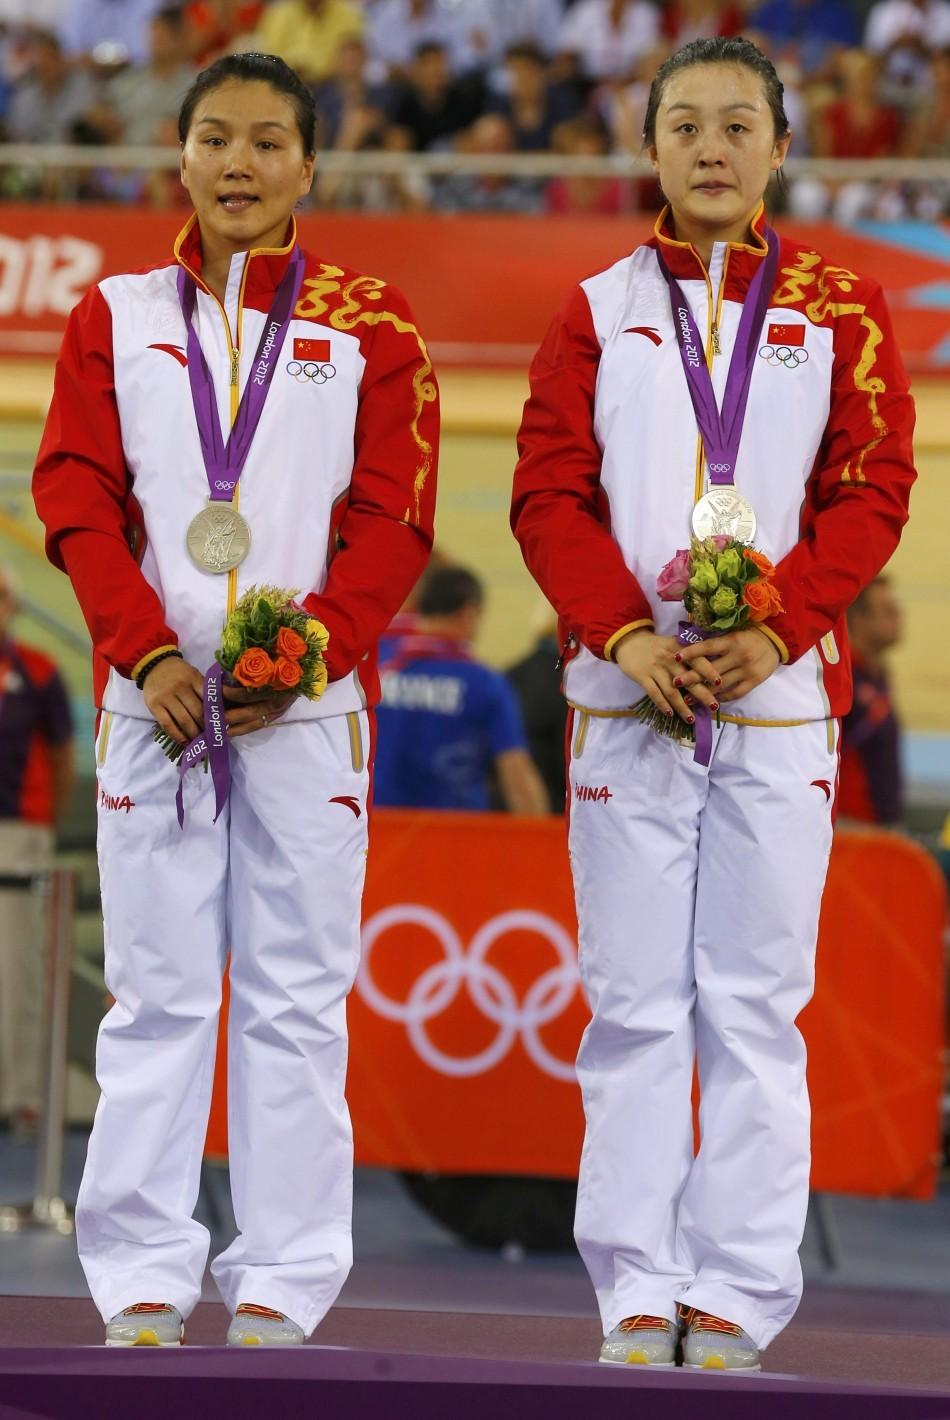 Gong Jinjie, Guo Shuang